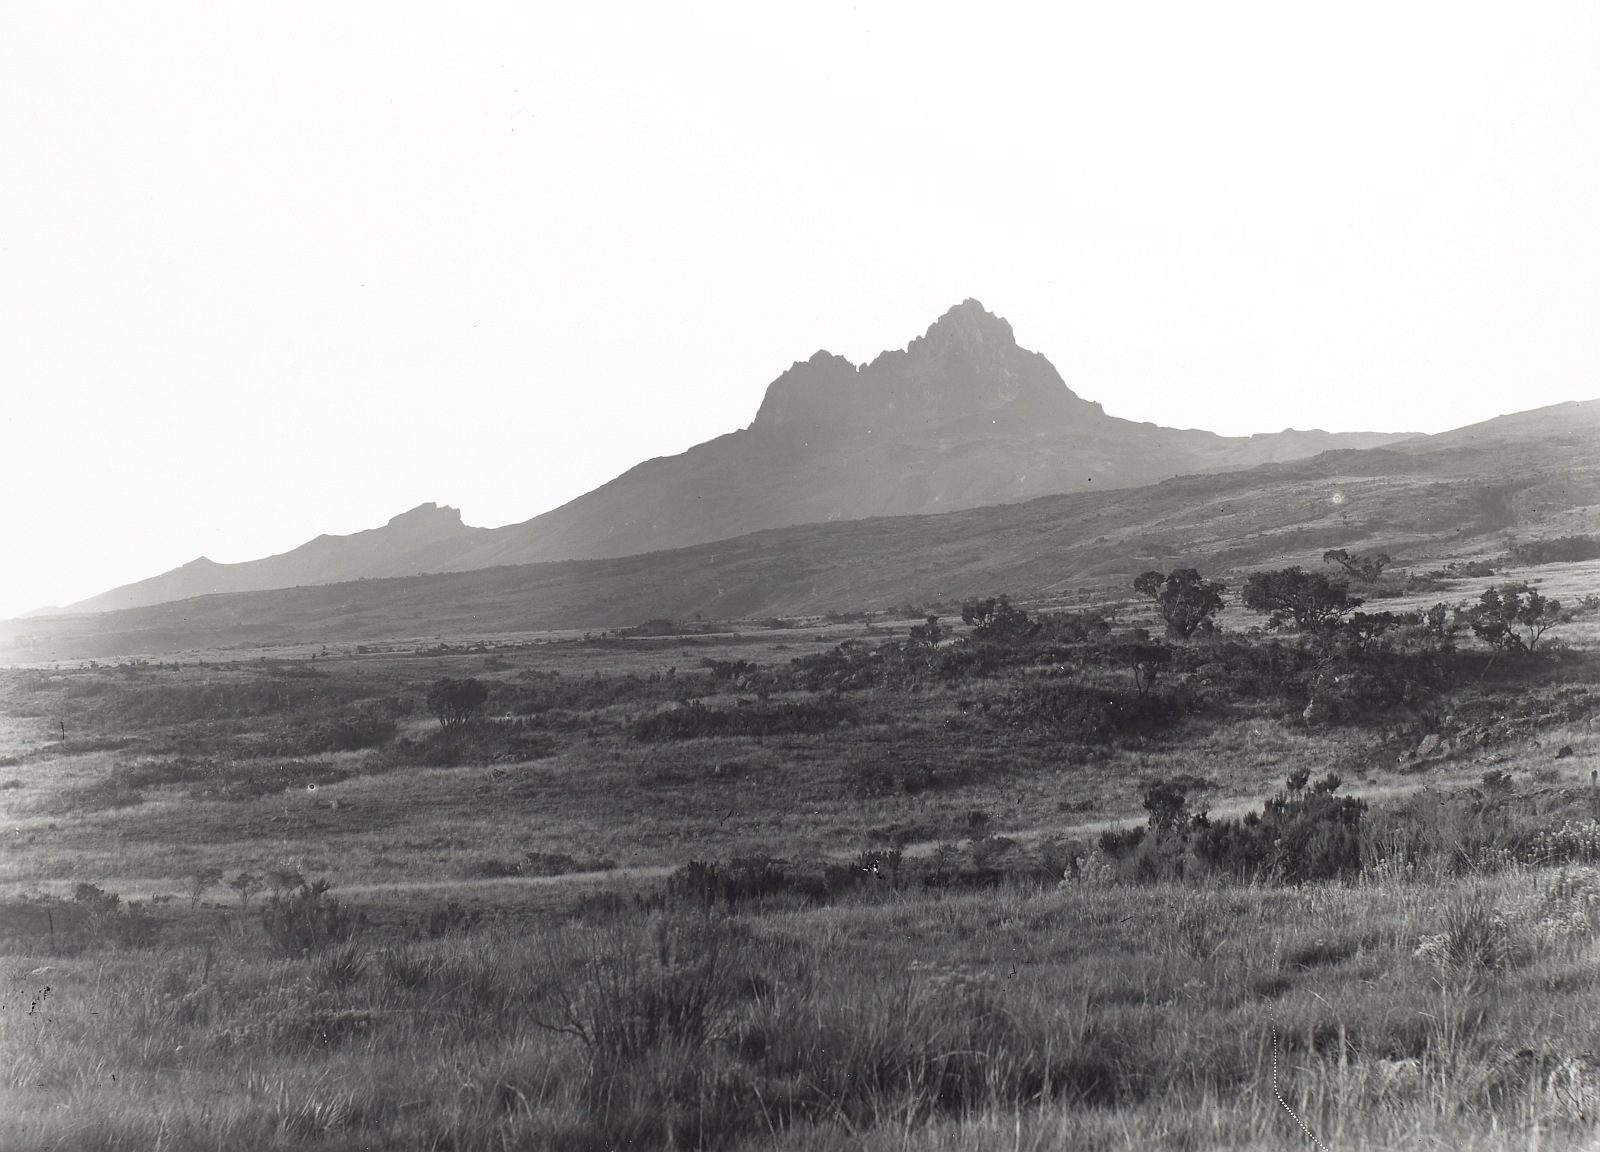 03. Килиманджаро. Вид Мавенси